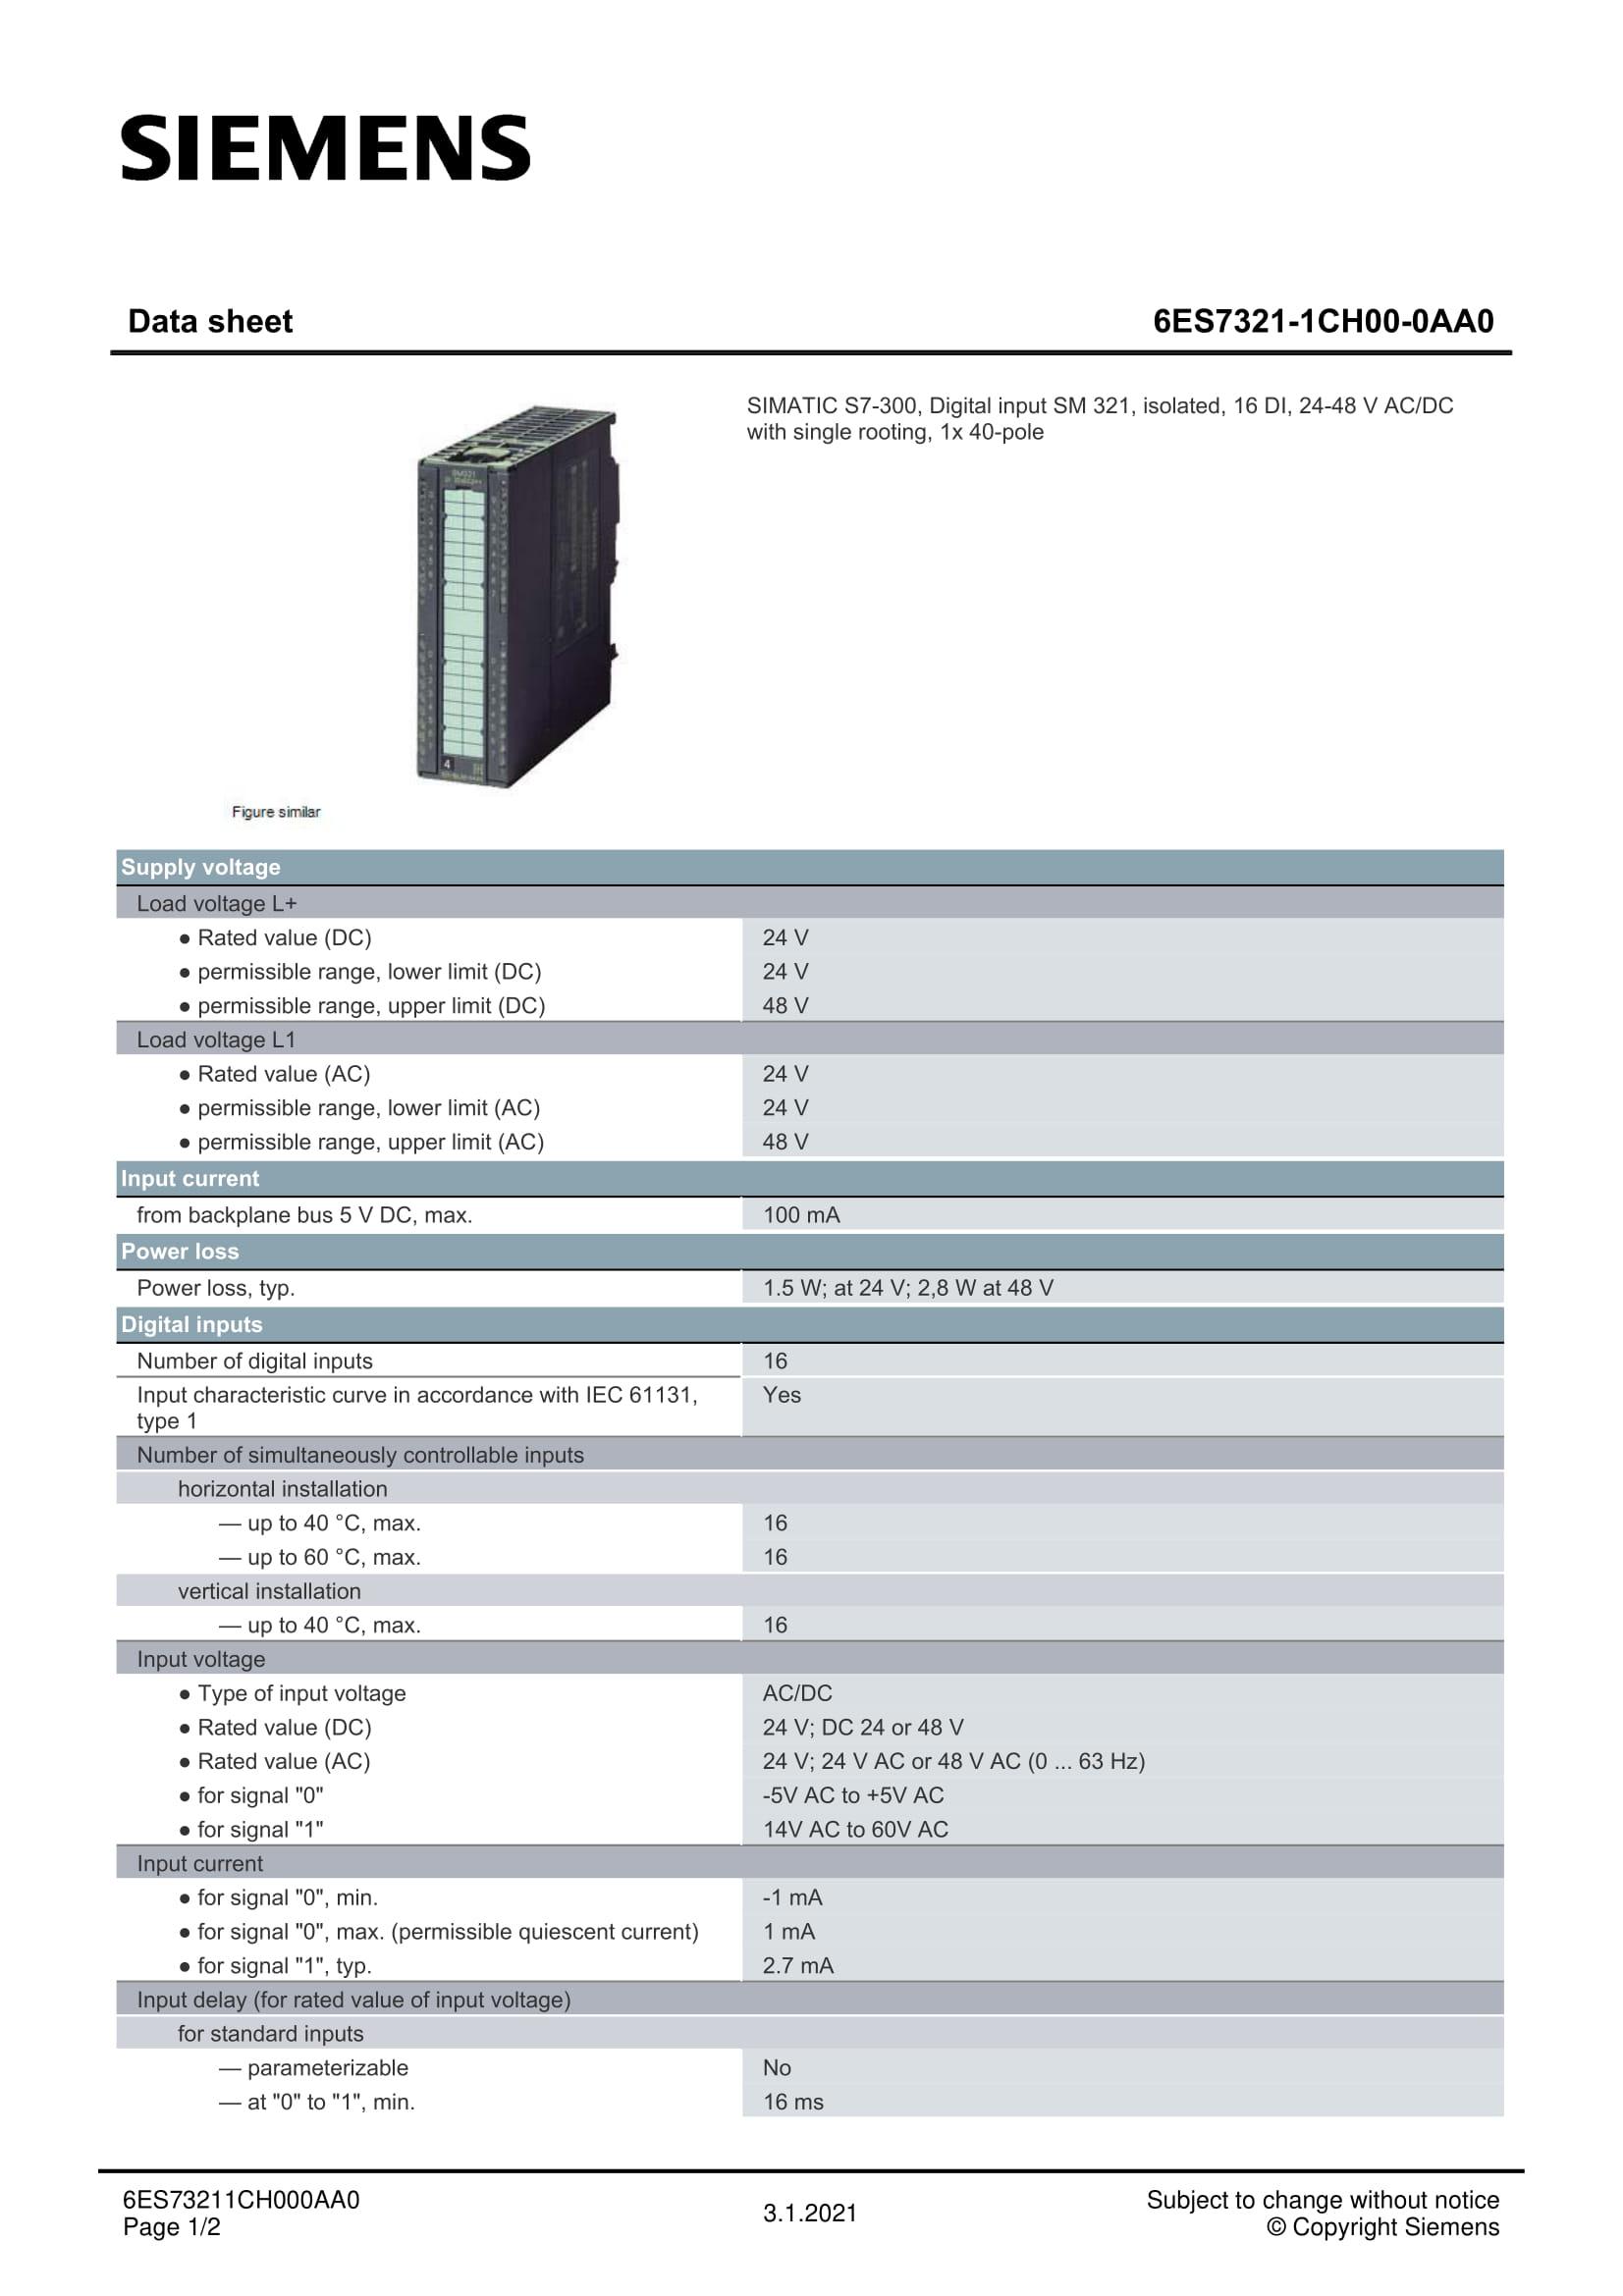 6ES7321-1CH00-0AA0